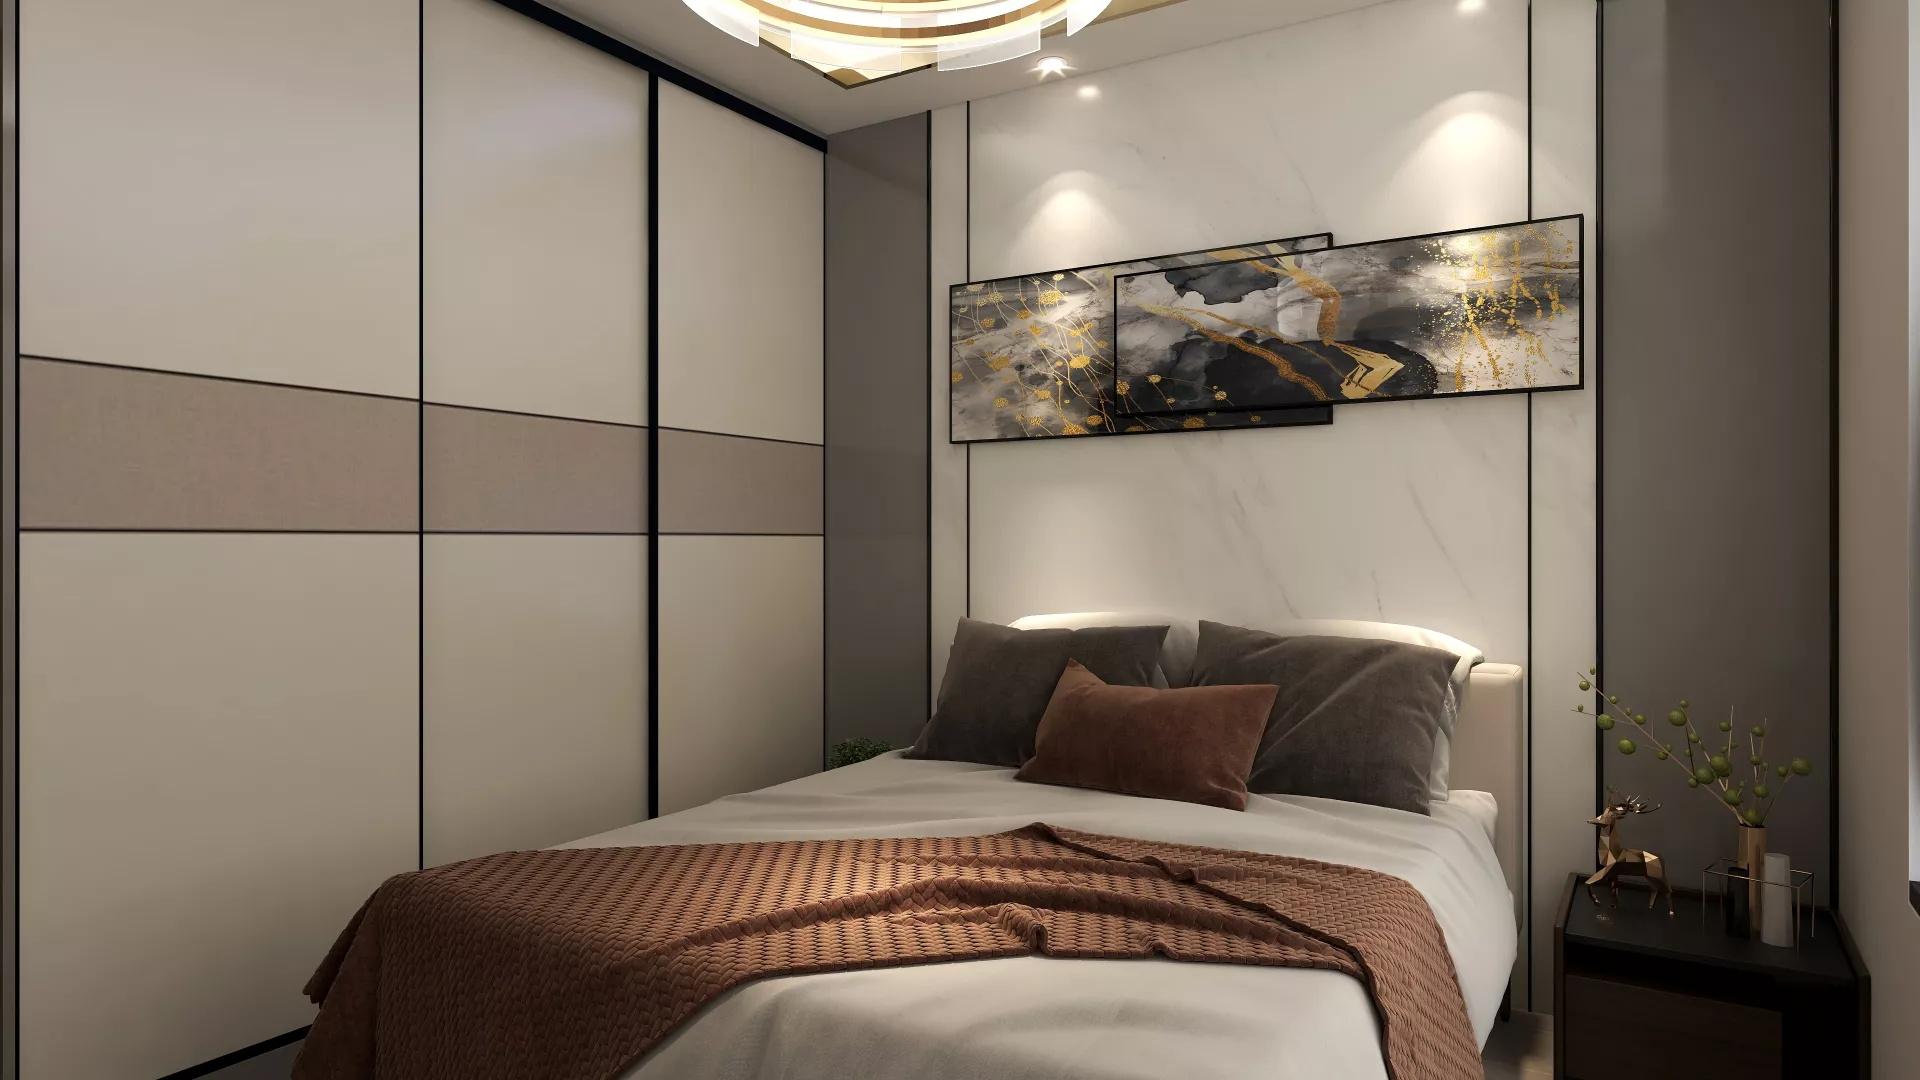 温馨简洁阁楼公寓装修效果图